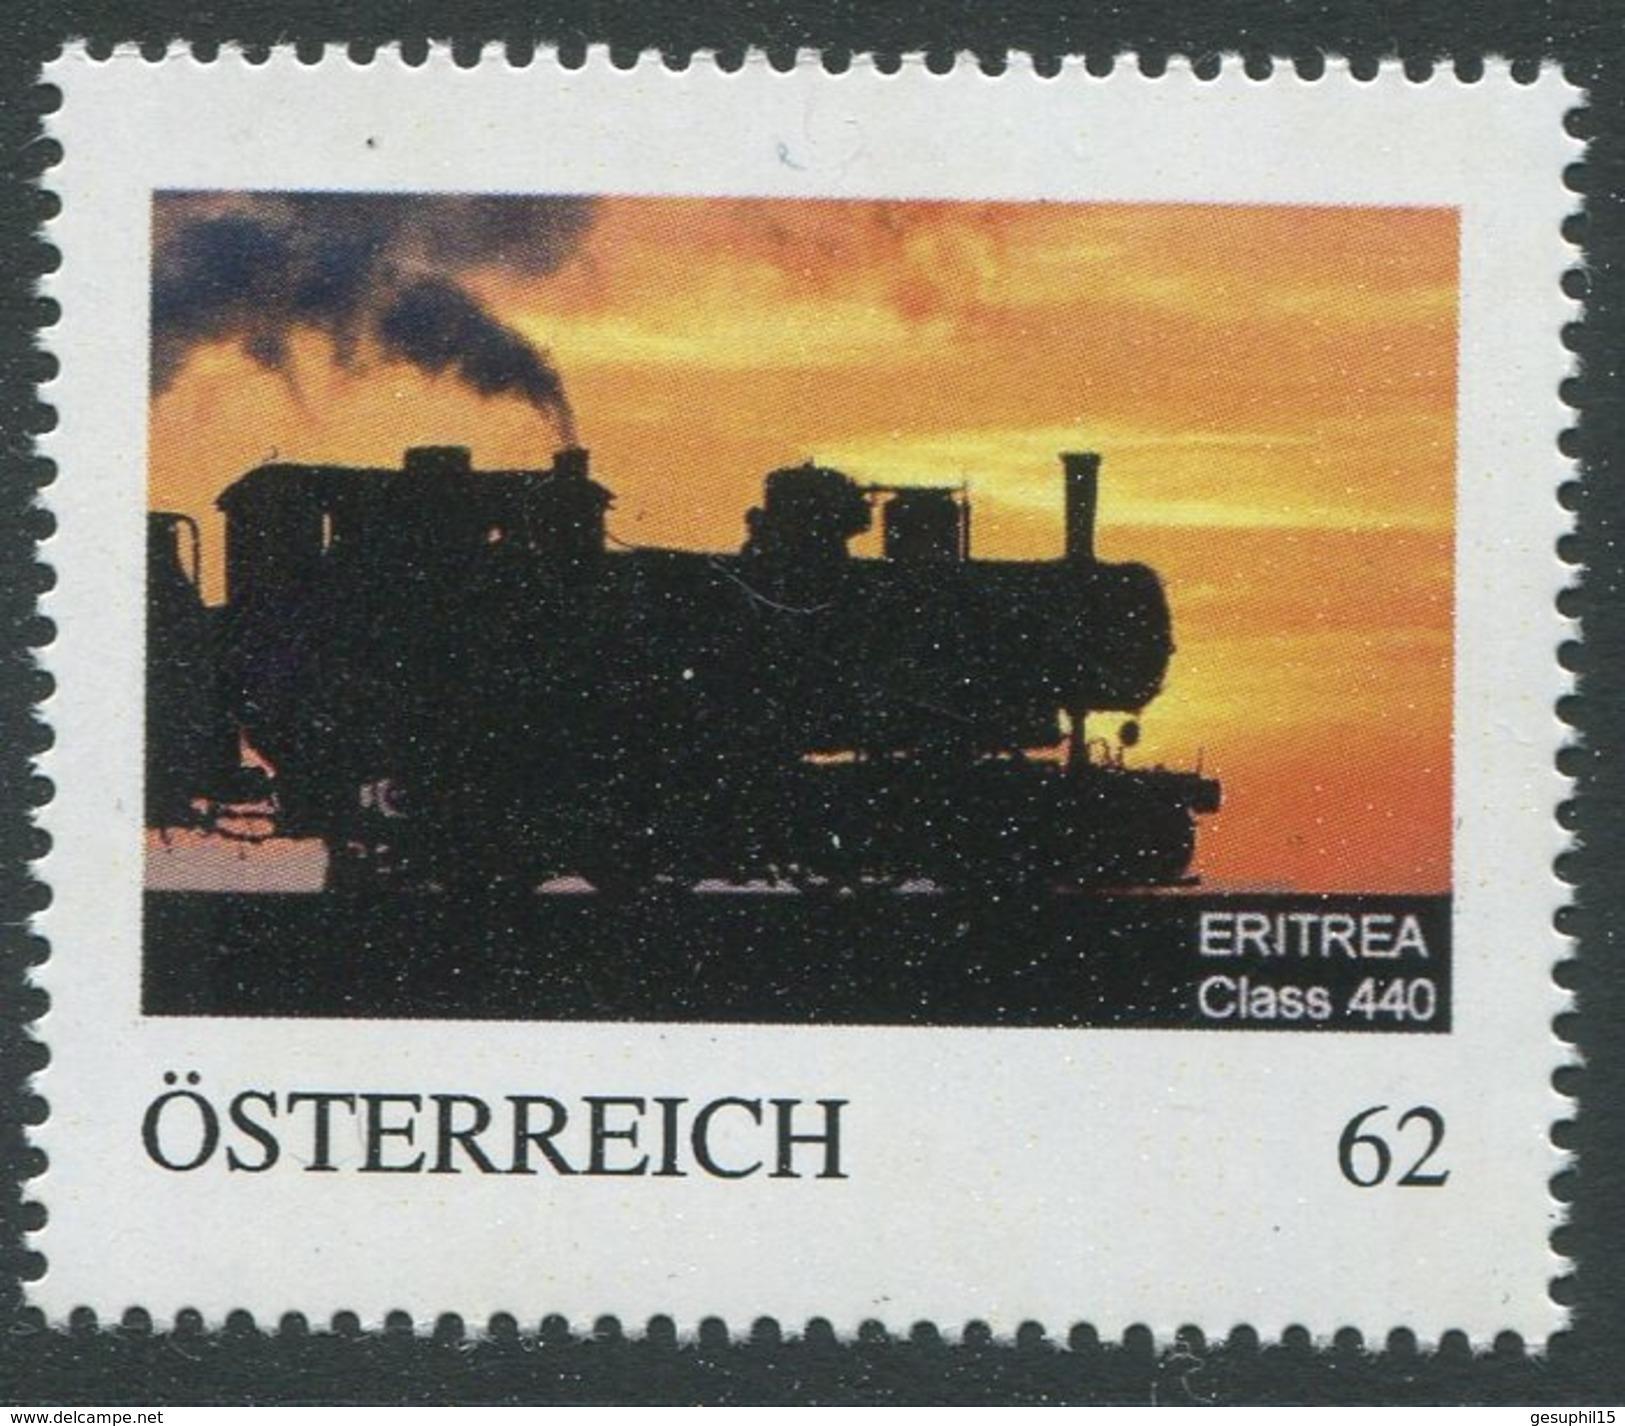 ÖSTERREICH / Lokomotive Eritrea Class 440 / Postfrisch / ** / MNH - Österreich